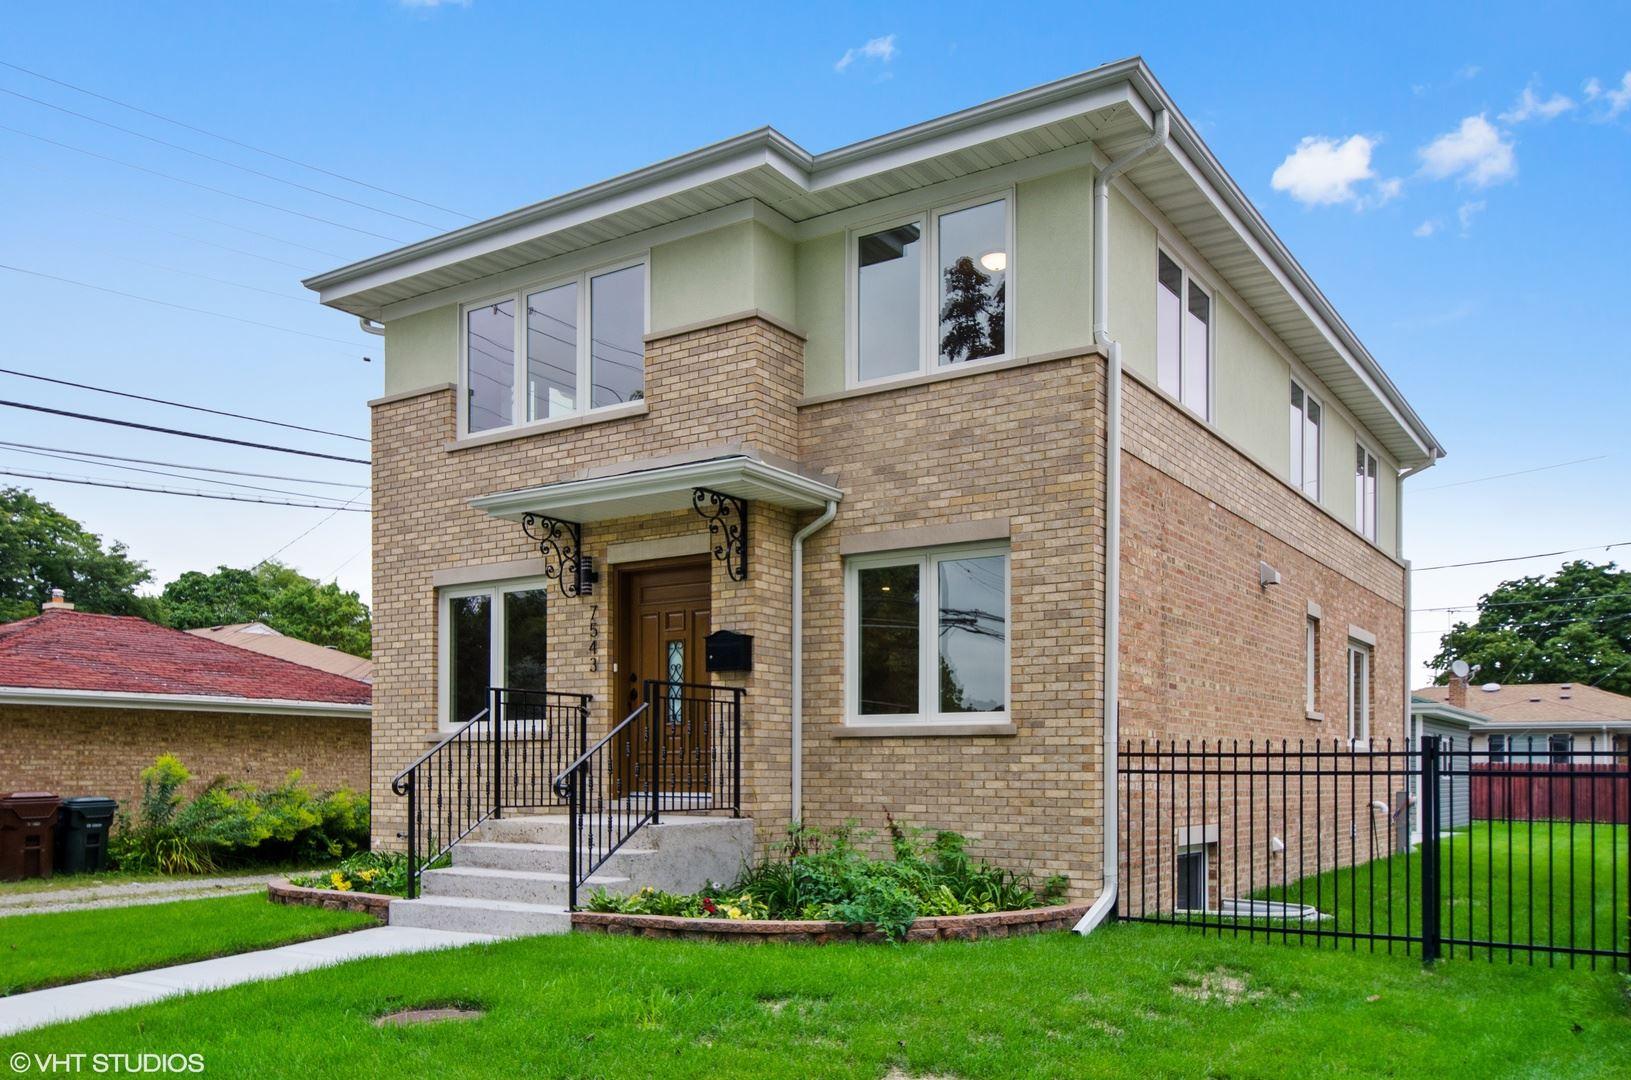 7543 Kilbourn Avenue, Skokie, IL 60076 - #: 10775802